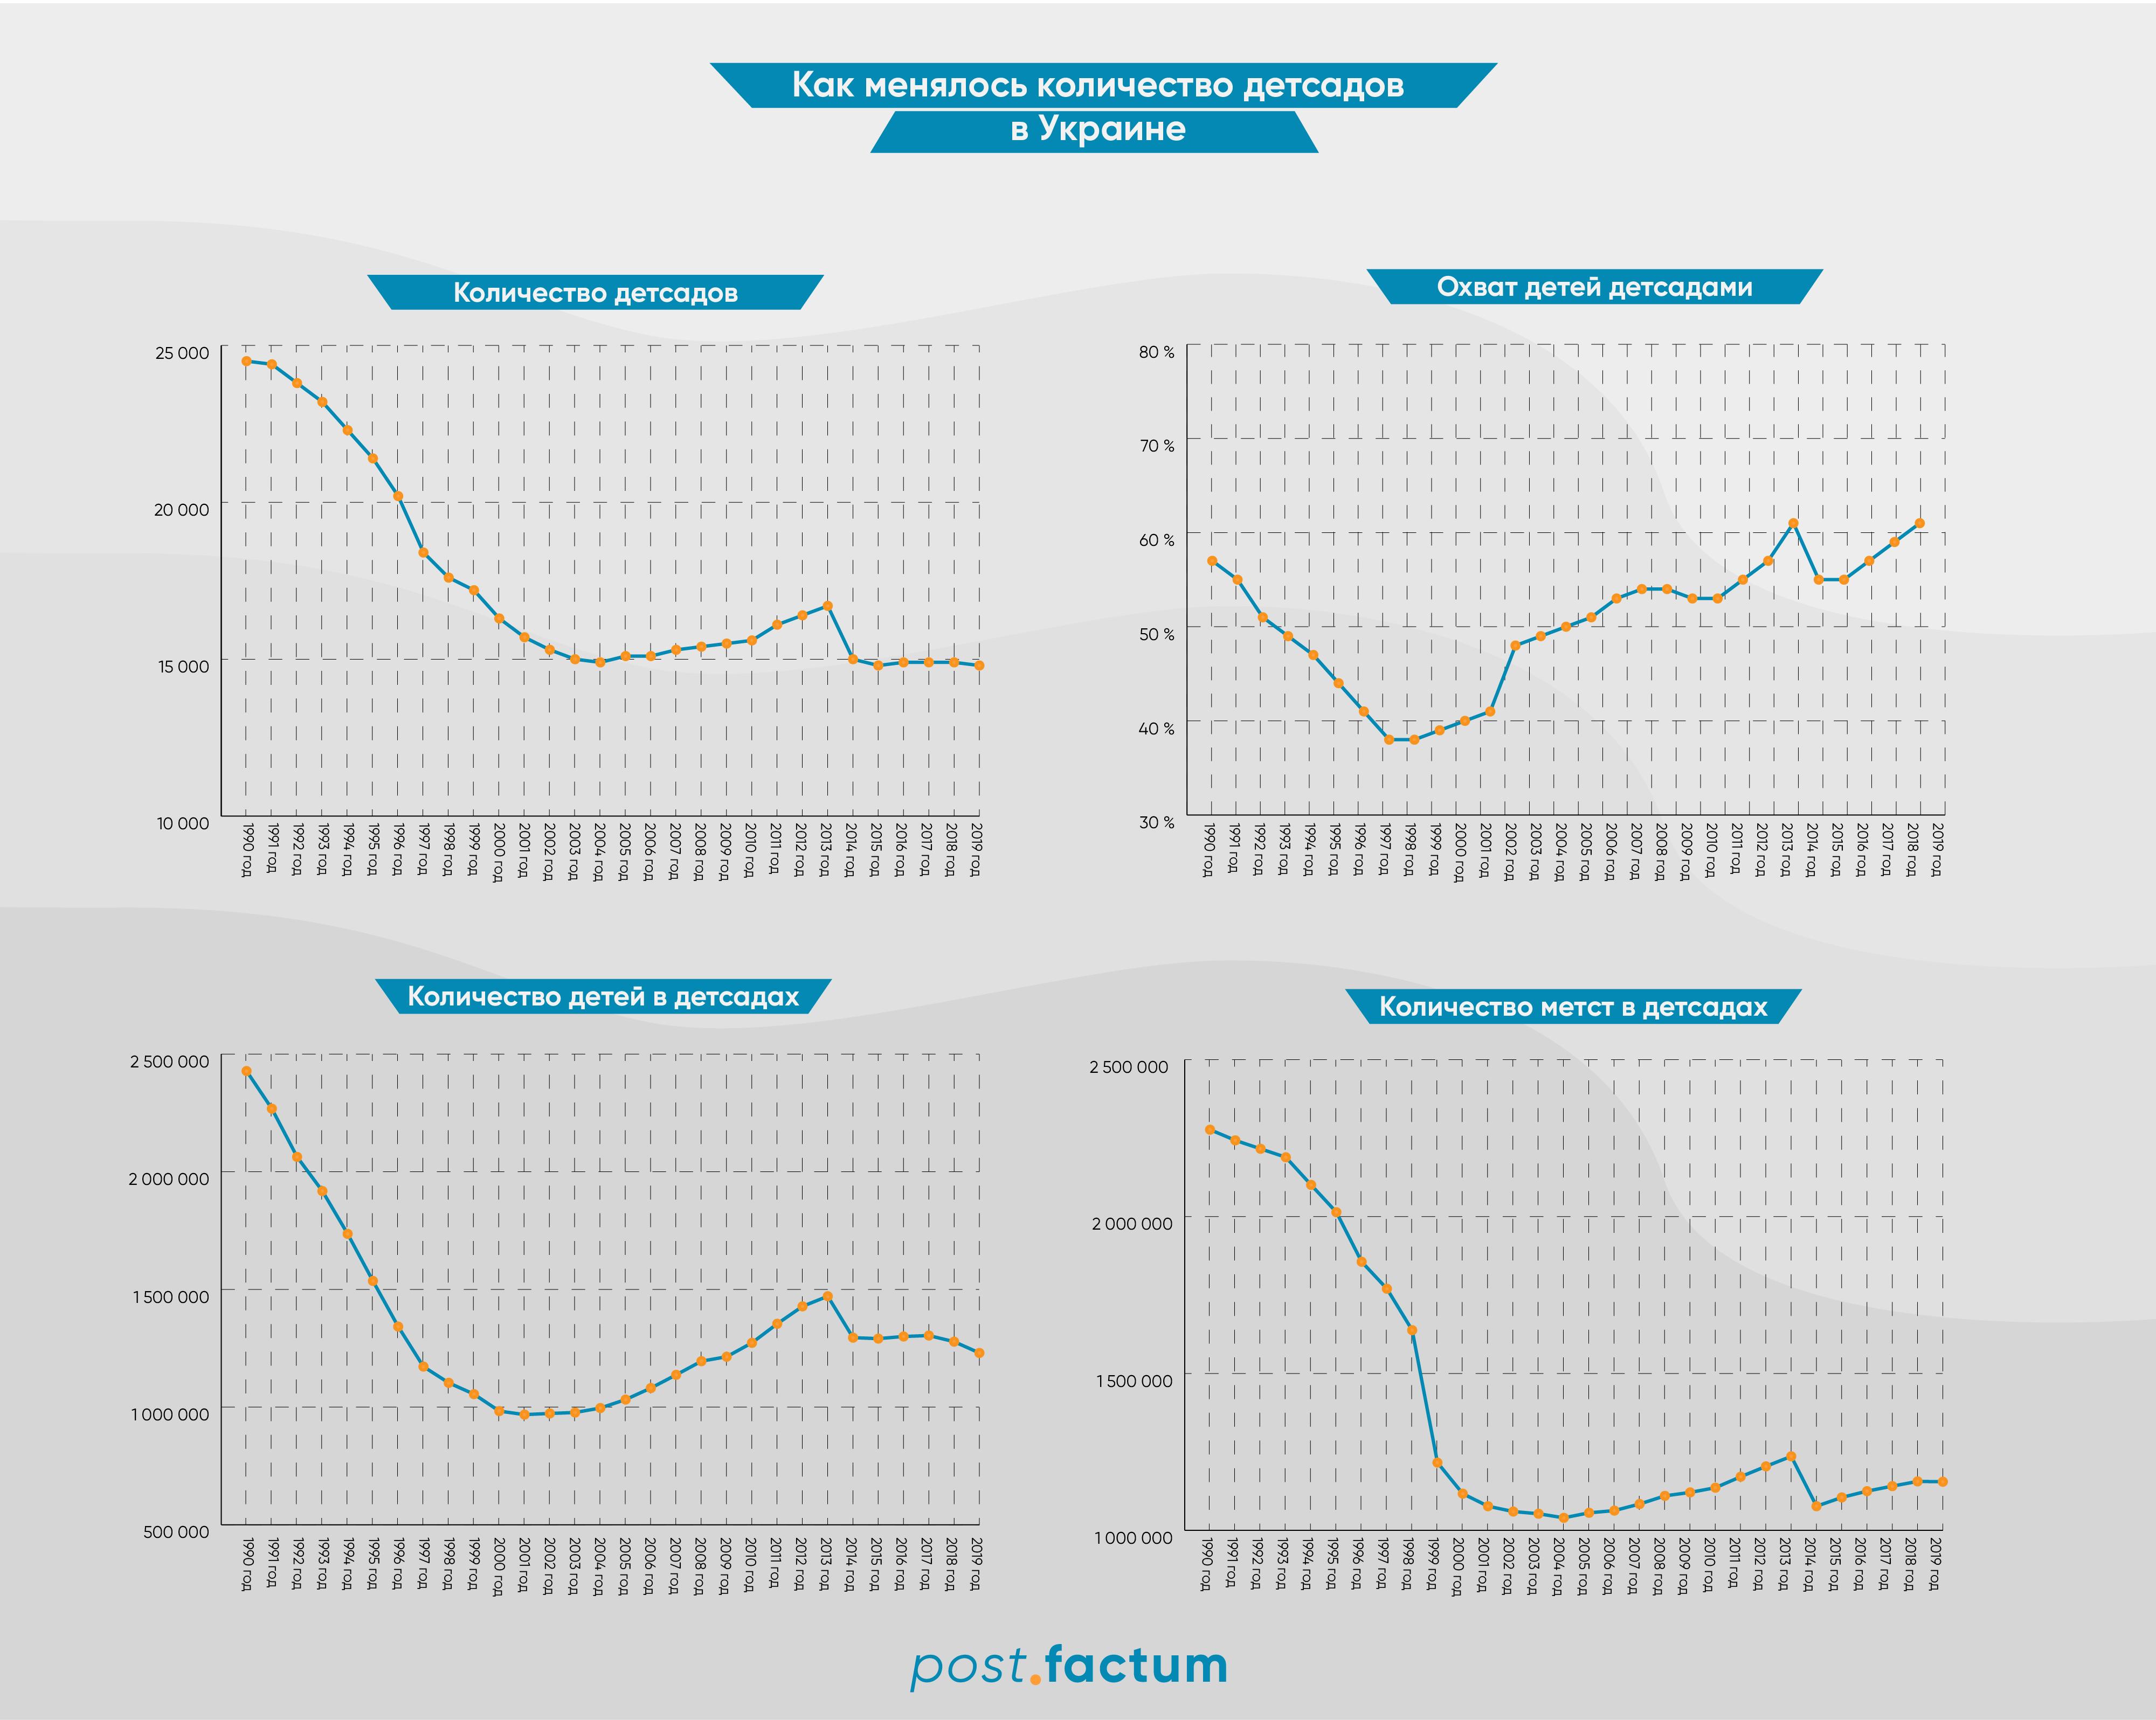 Инфографика: как изменилось количество детских садов в Украине за период независимости — фото 1